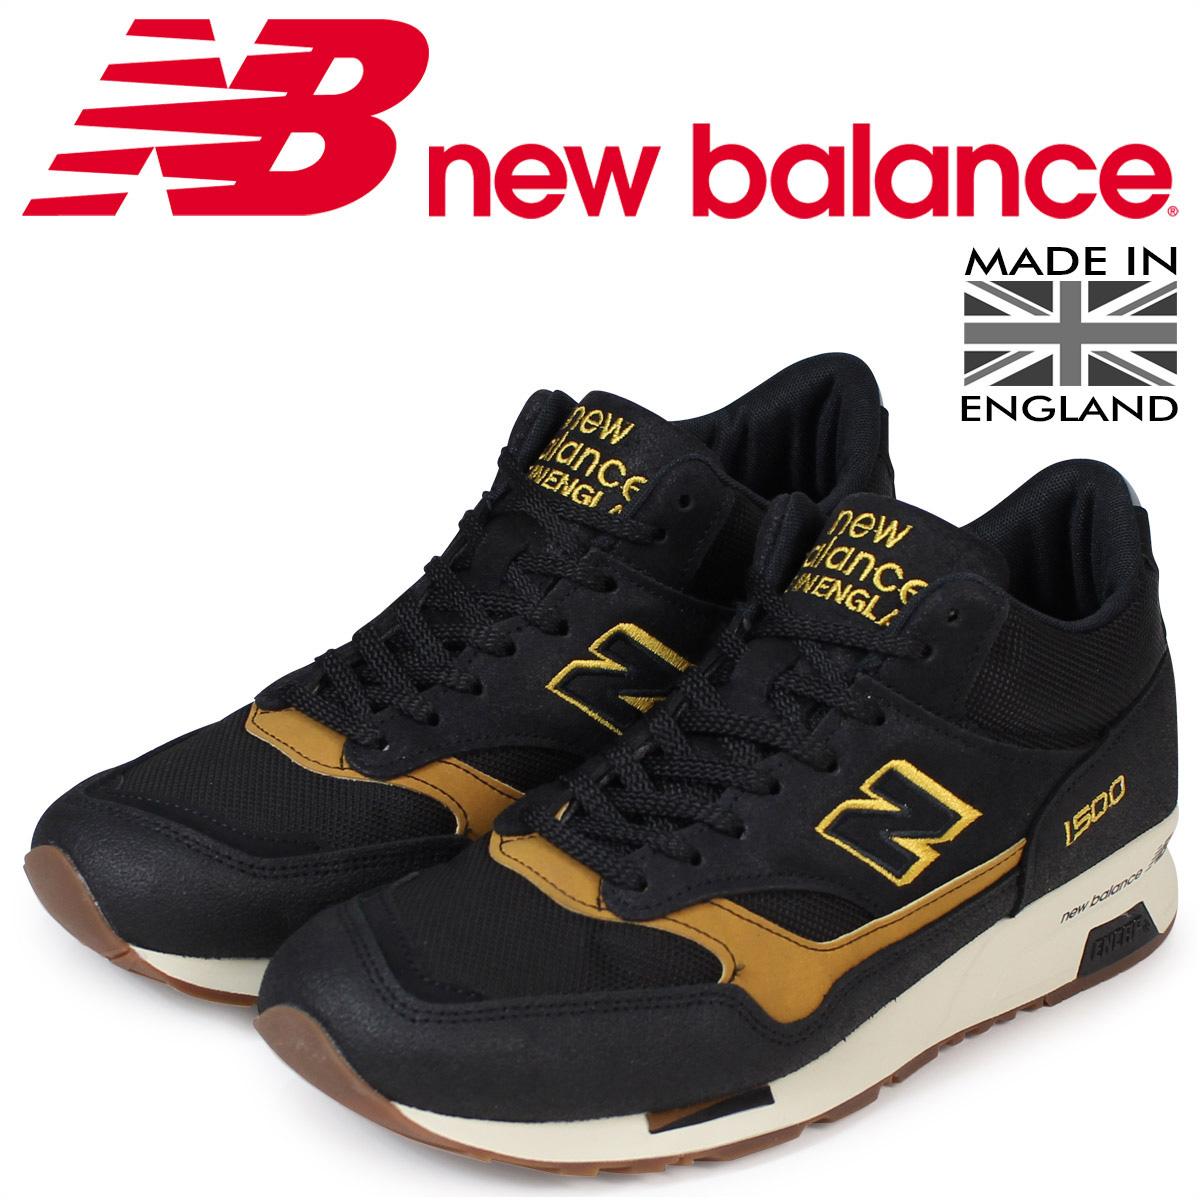 new balance 1500 uk 12